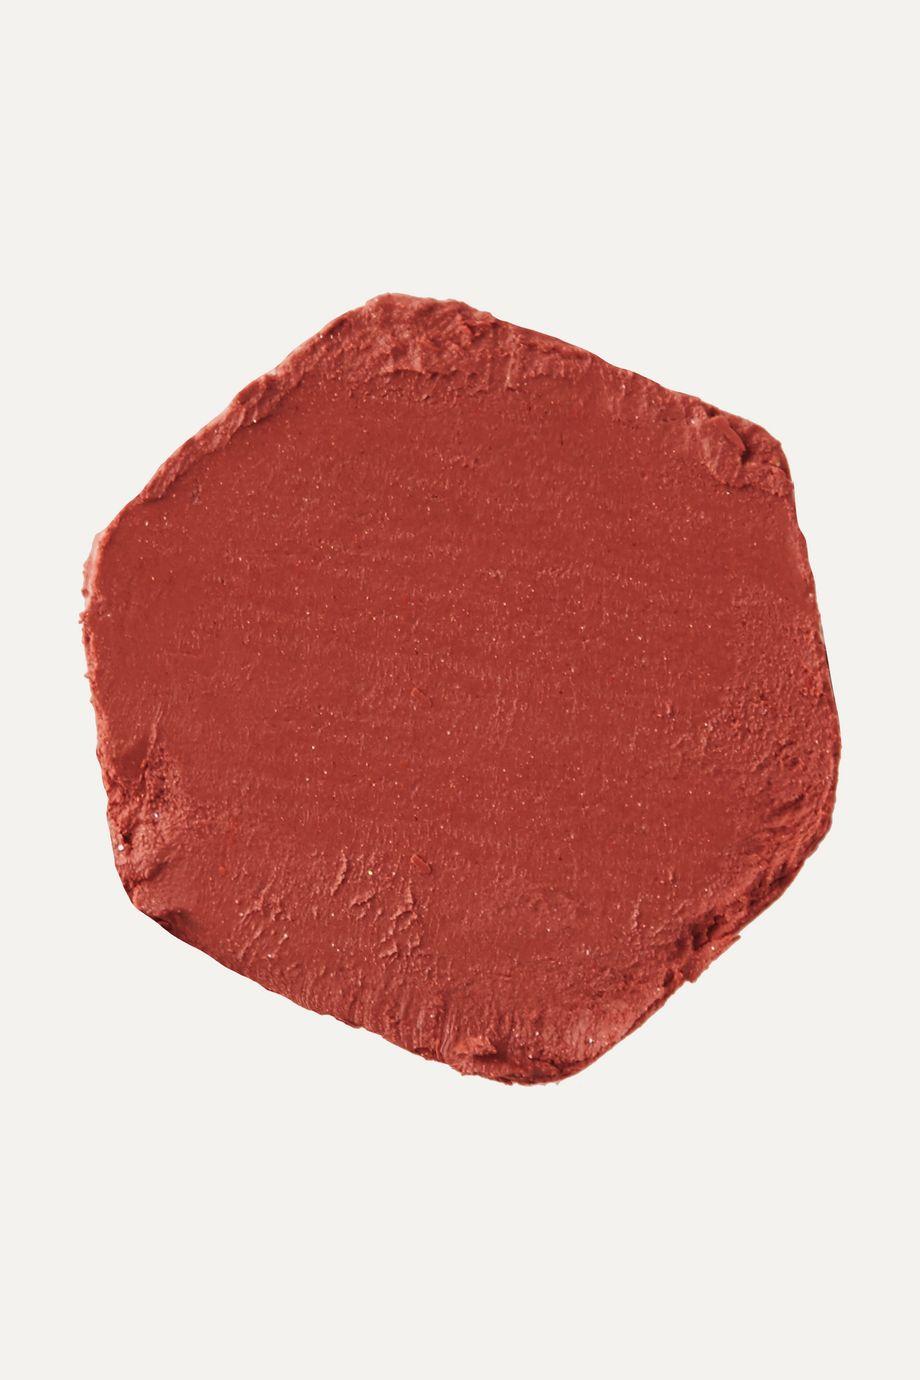 MAKE Beauty Matte Lipstick - Putty